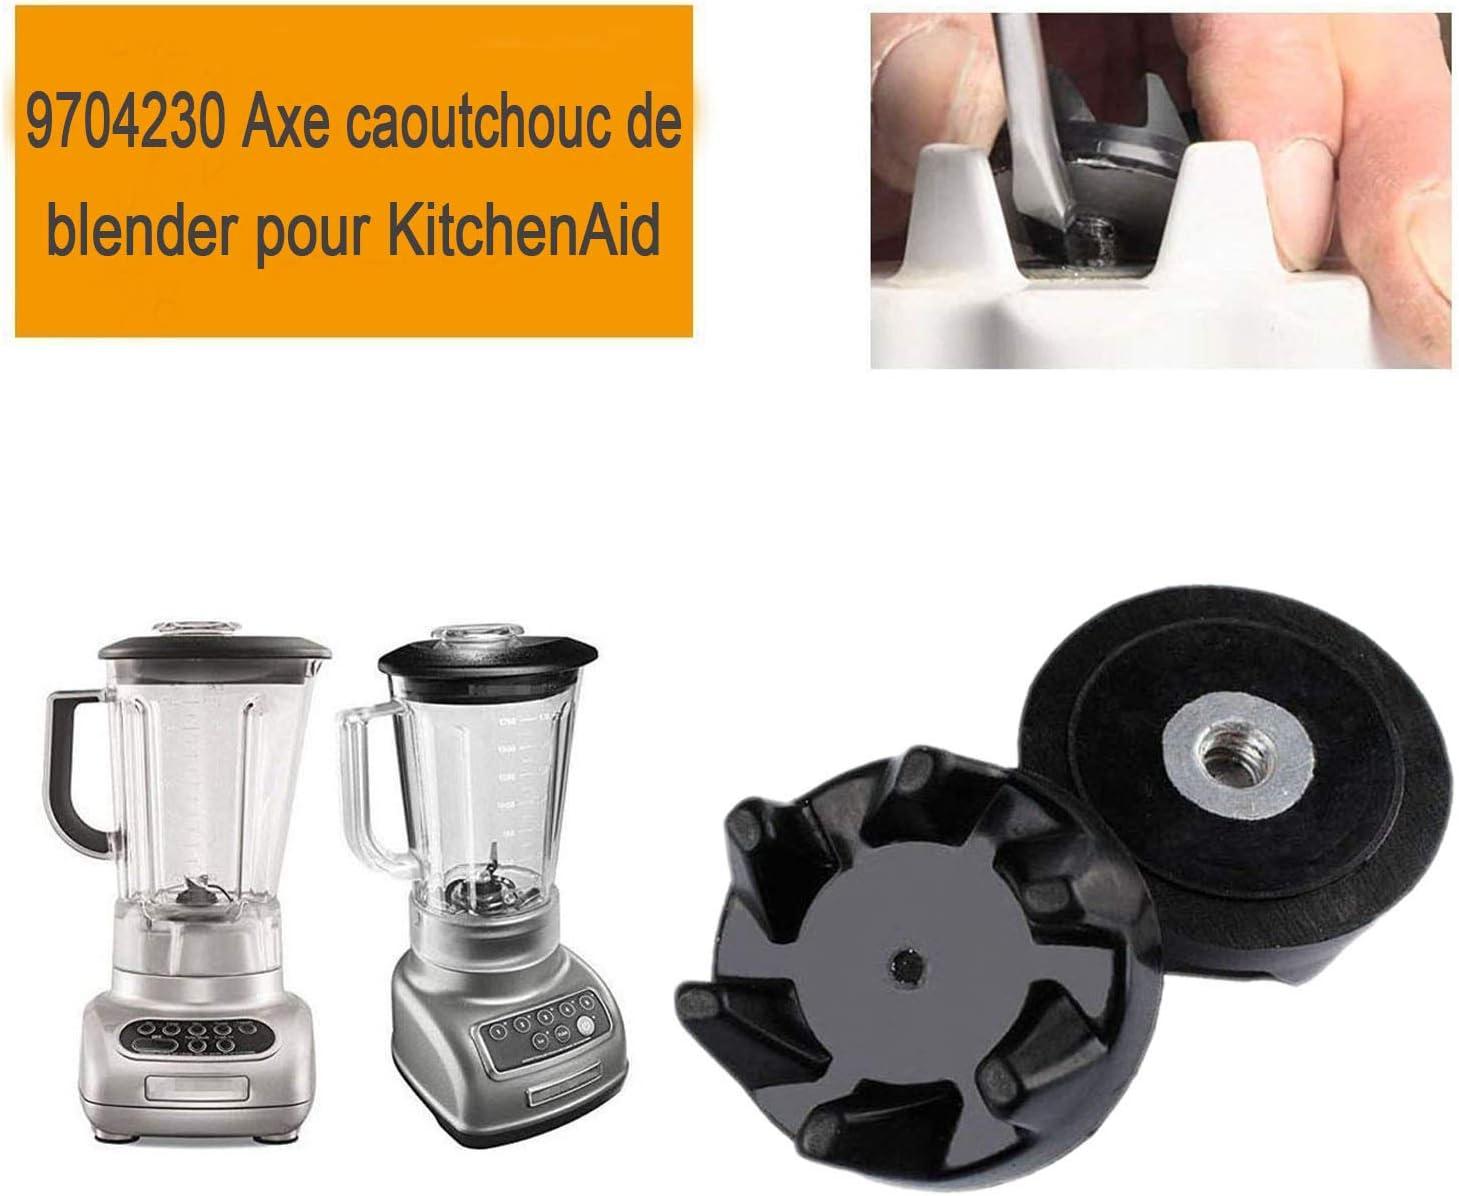 2 Pcs Blender Caoutchouc Raccord /Équipement avec Outil de Suppression pour Kitchenaid 9704230 Ztoma Blender Caoutchouc Raccord /Équipement